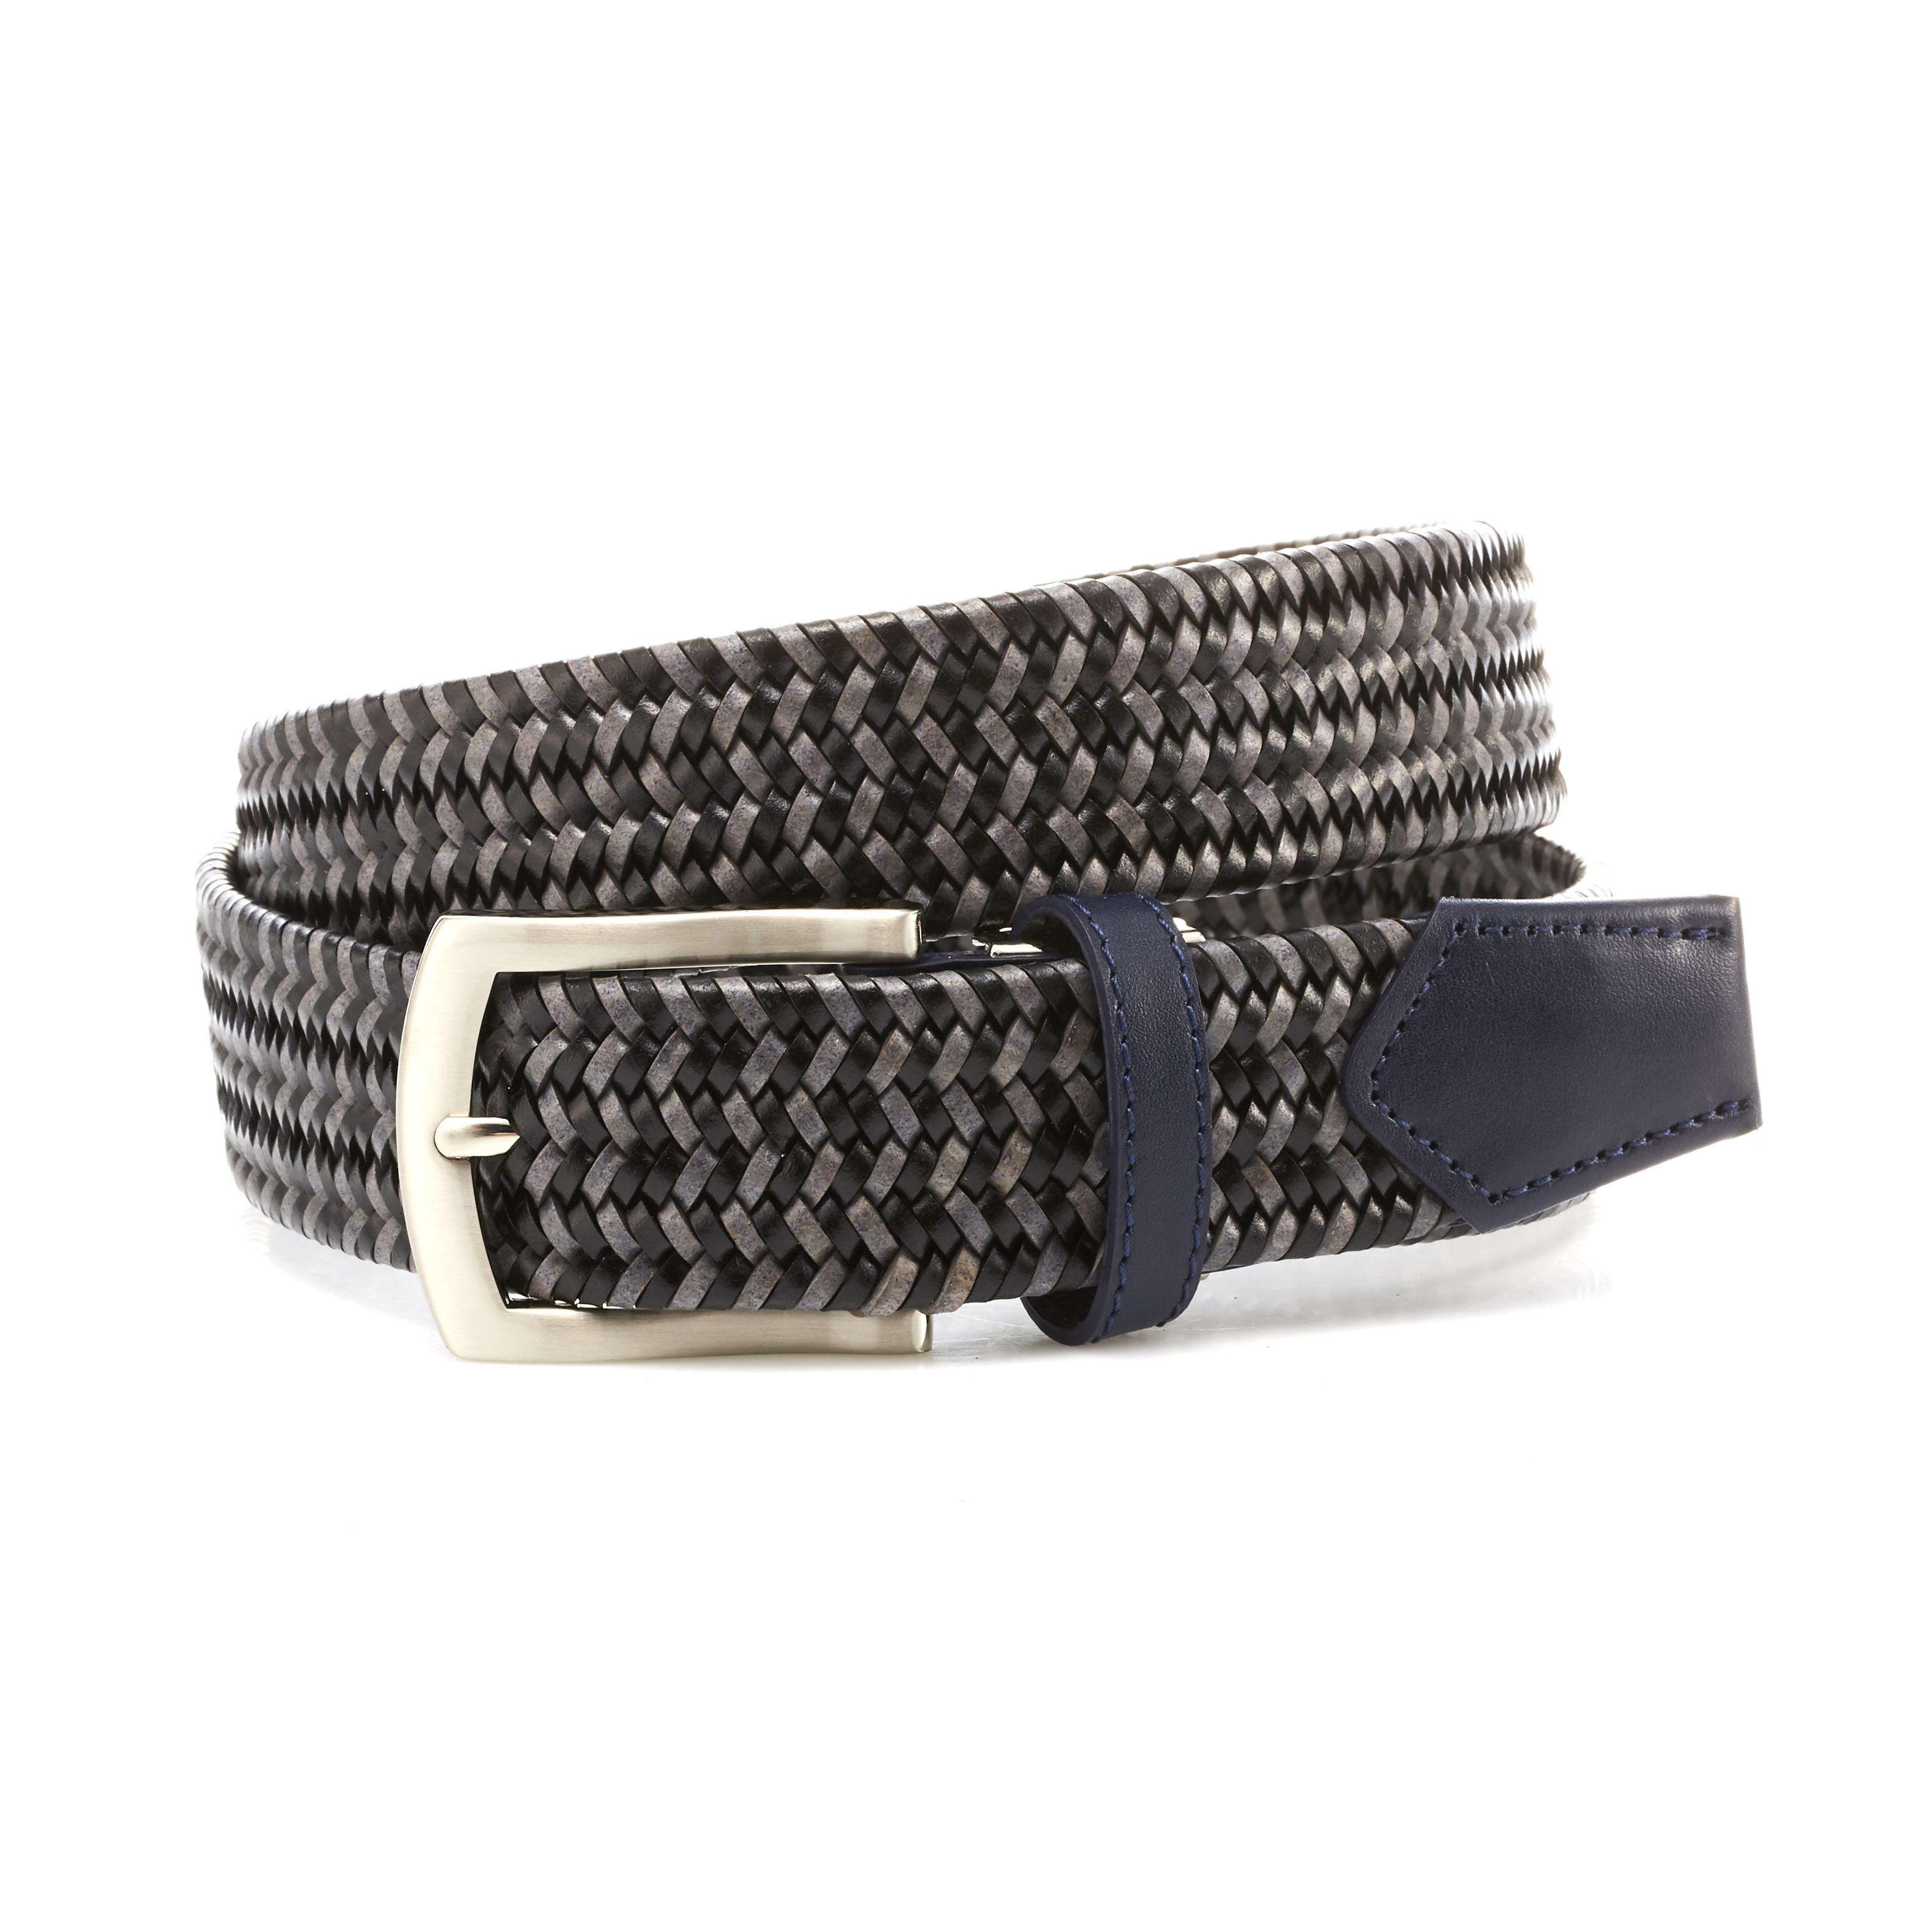 Mesh span function belts